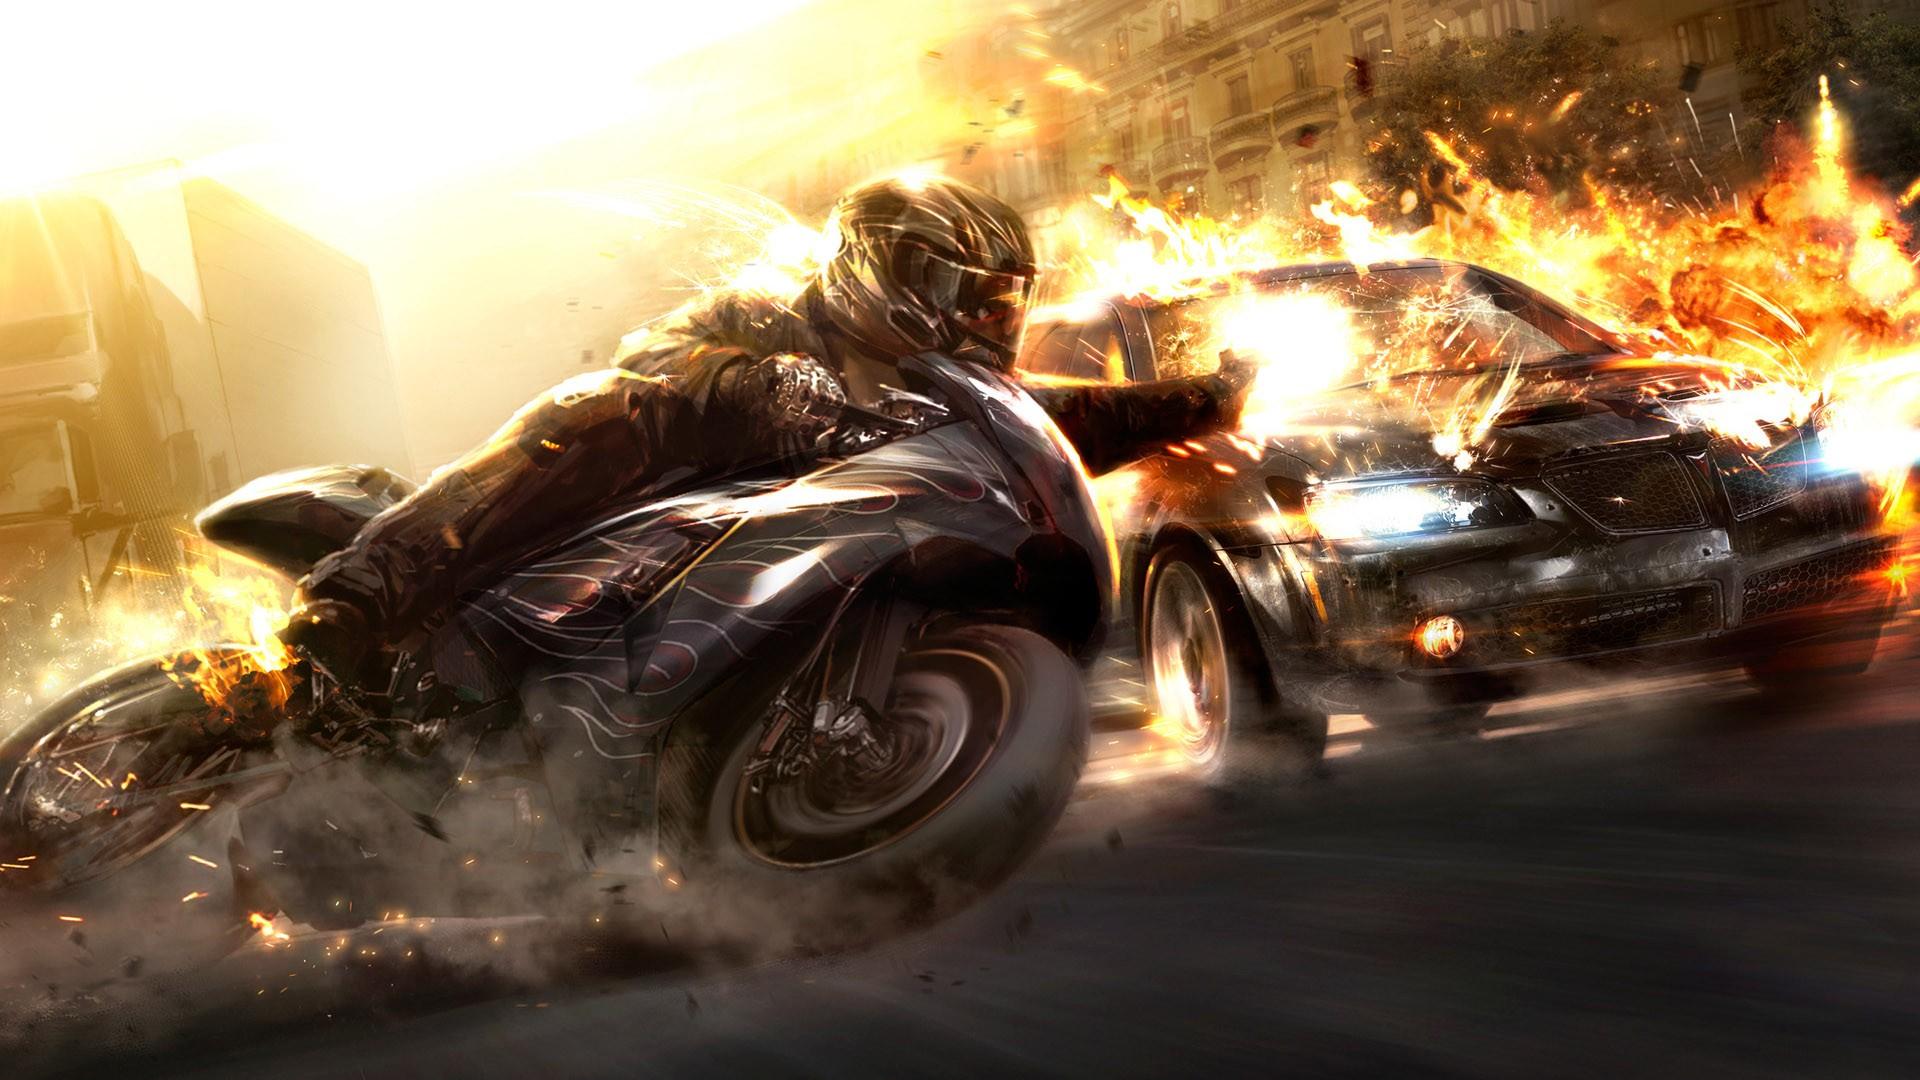 fond d'ecran moto voiture fond d'écran